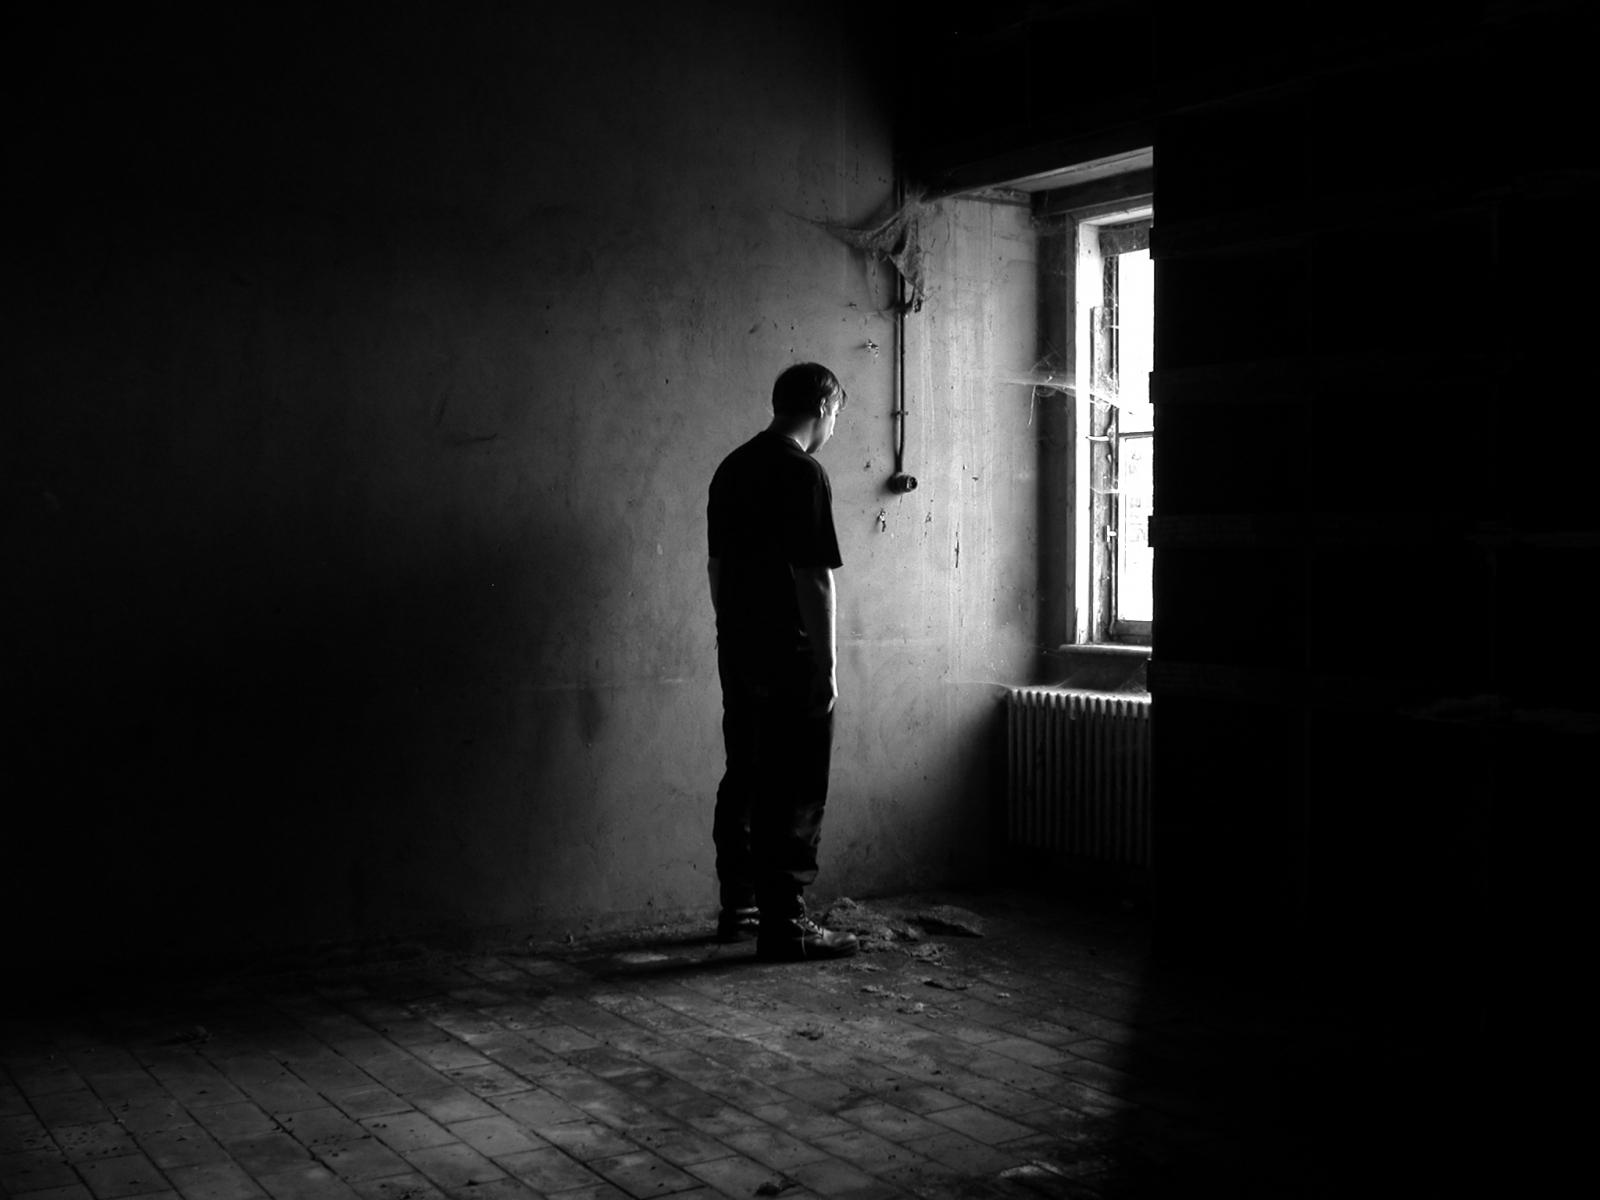 Centro esp rita amor fraternal el suicidio y la locura for Cuarto oscuro fotografia